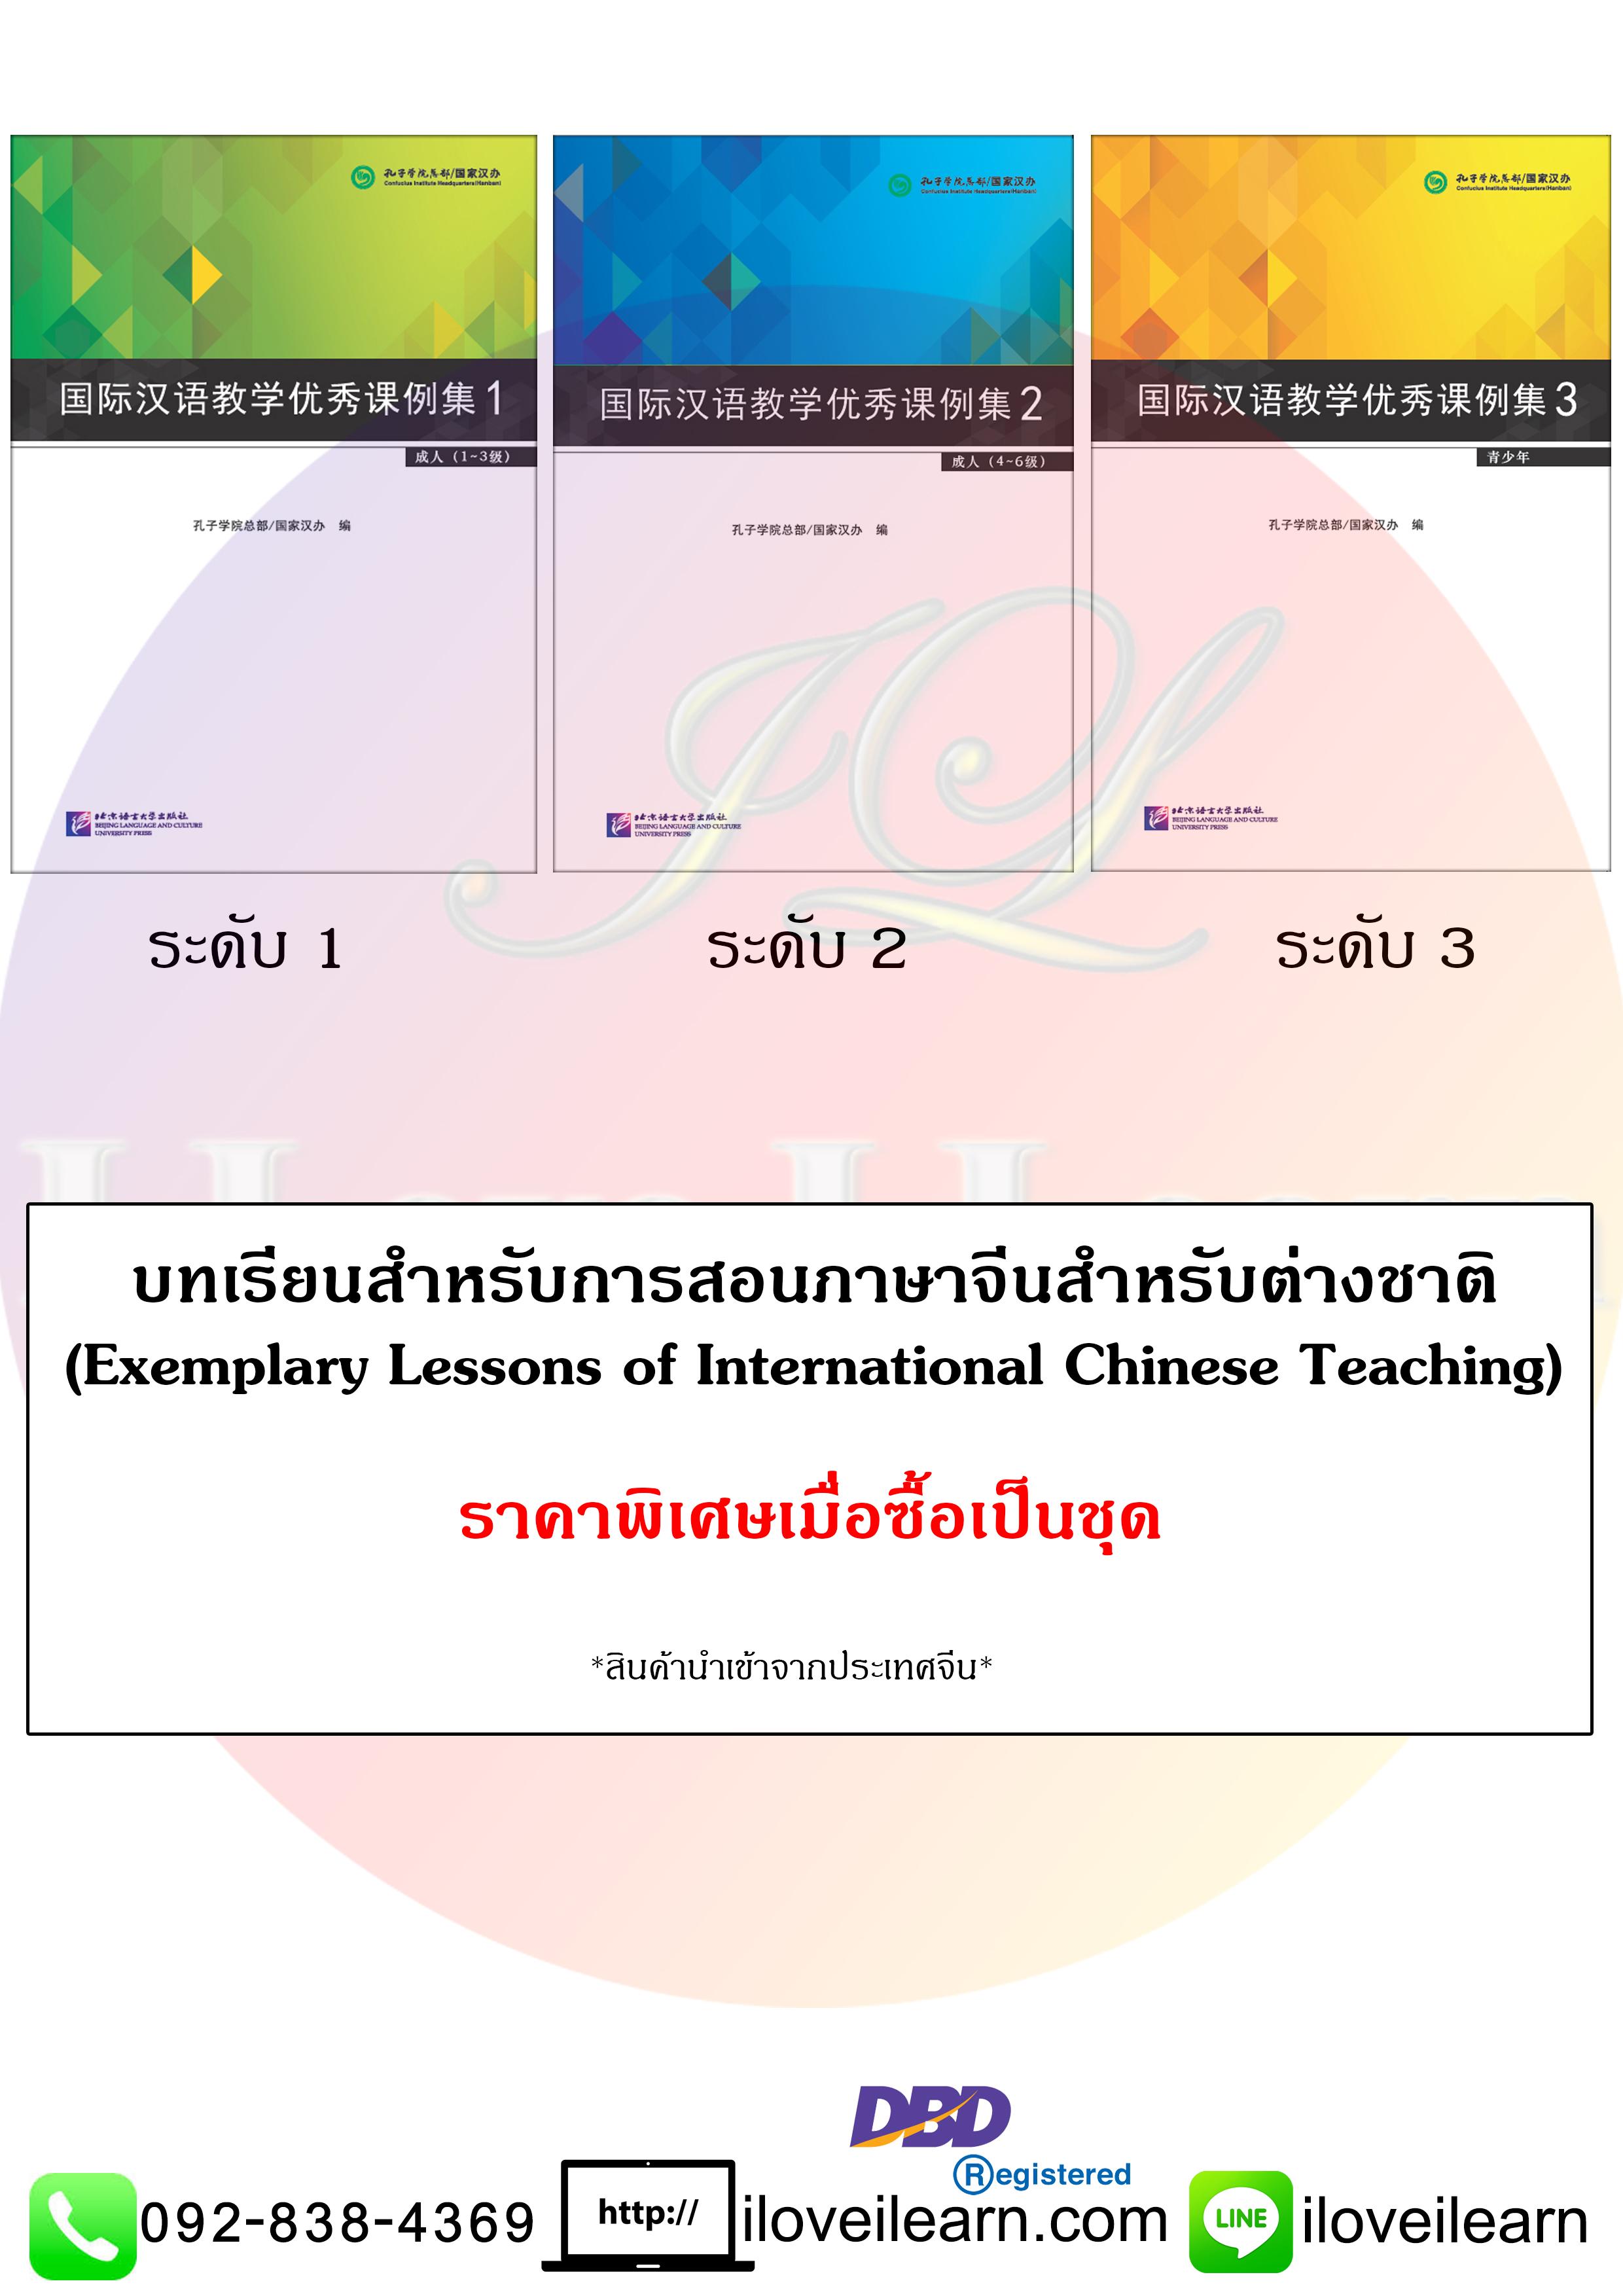 ชุดบทเรียนสำหรับการสอนภาษาจีนสำหรับต่างชาติ (3 เล่ม / ชุด)